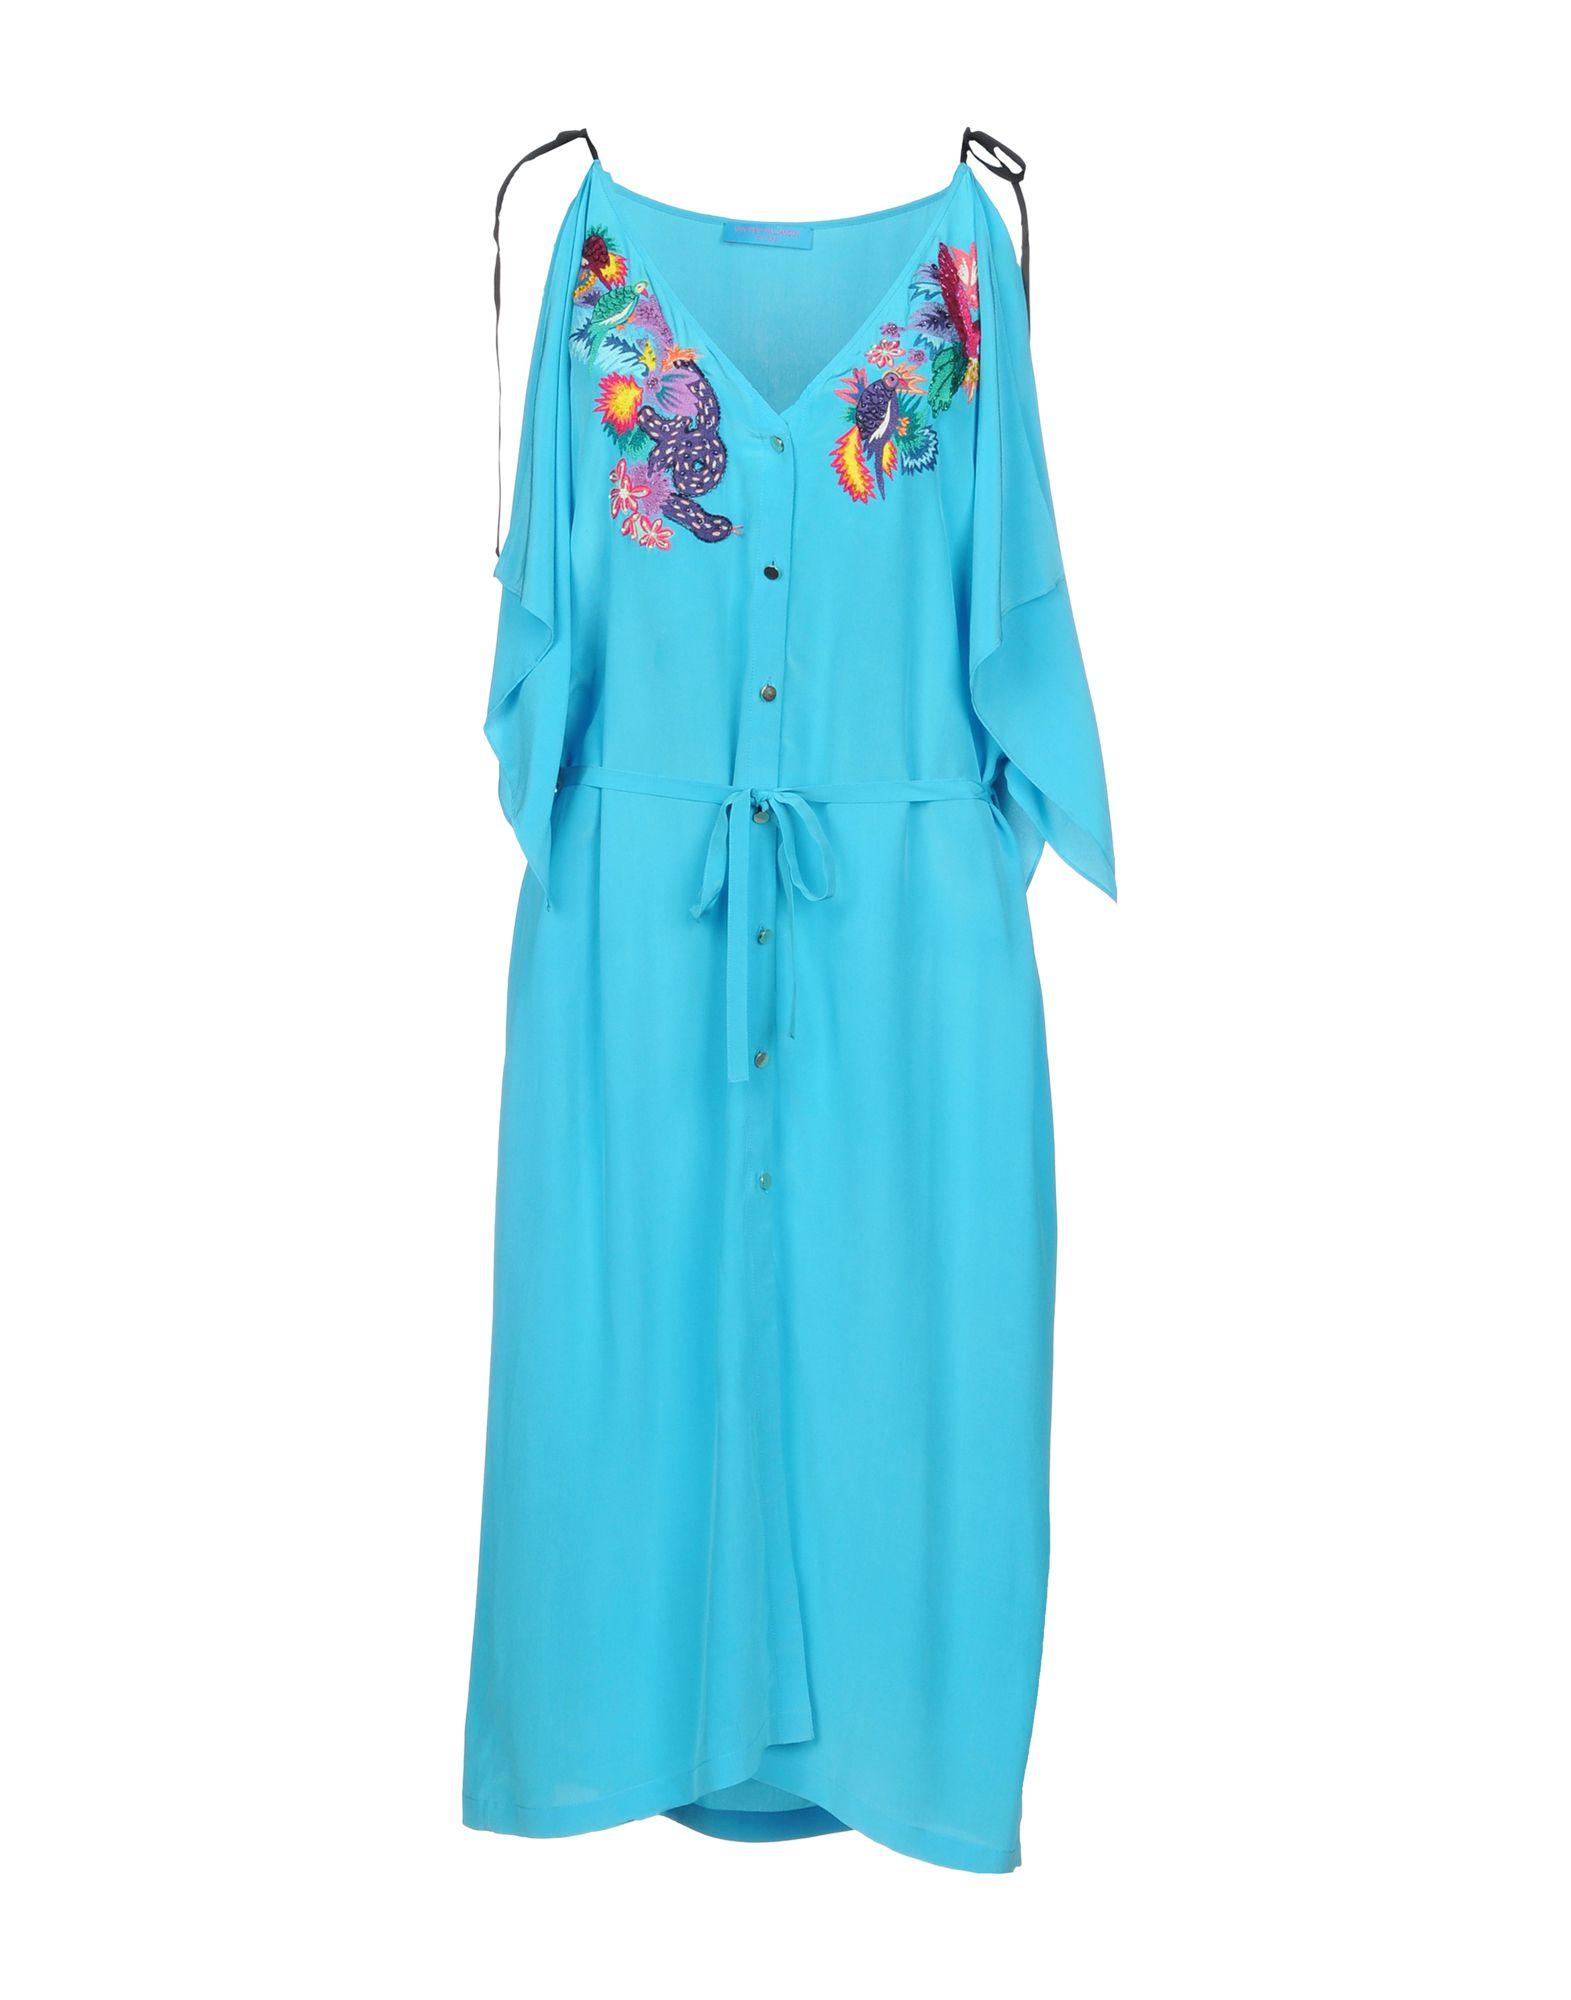 MATTHEW WILLIAMSON Платье до колена длинное платье с принтом matthew williamson длинное платье с принтом